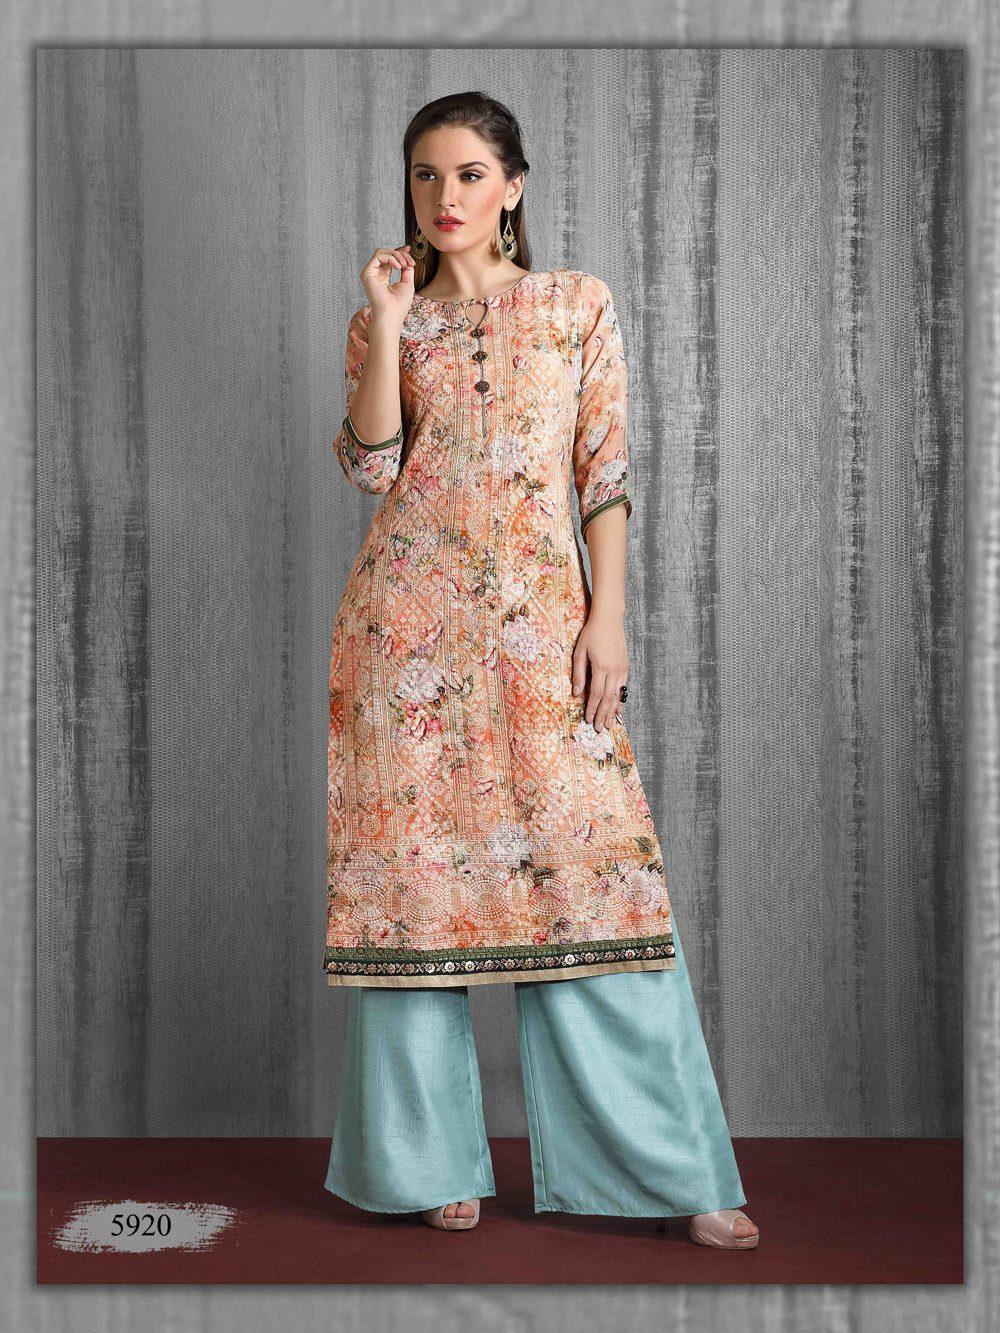 Pastel Lakhnavi outfit in floral print